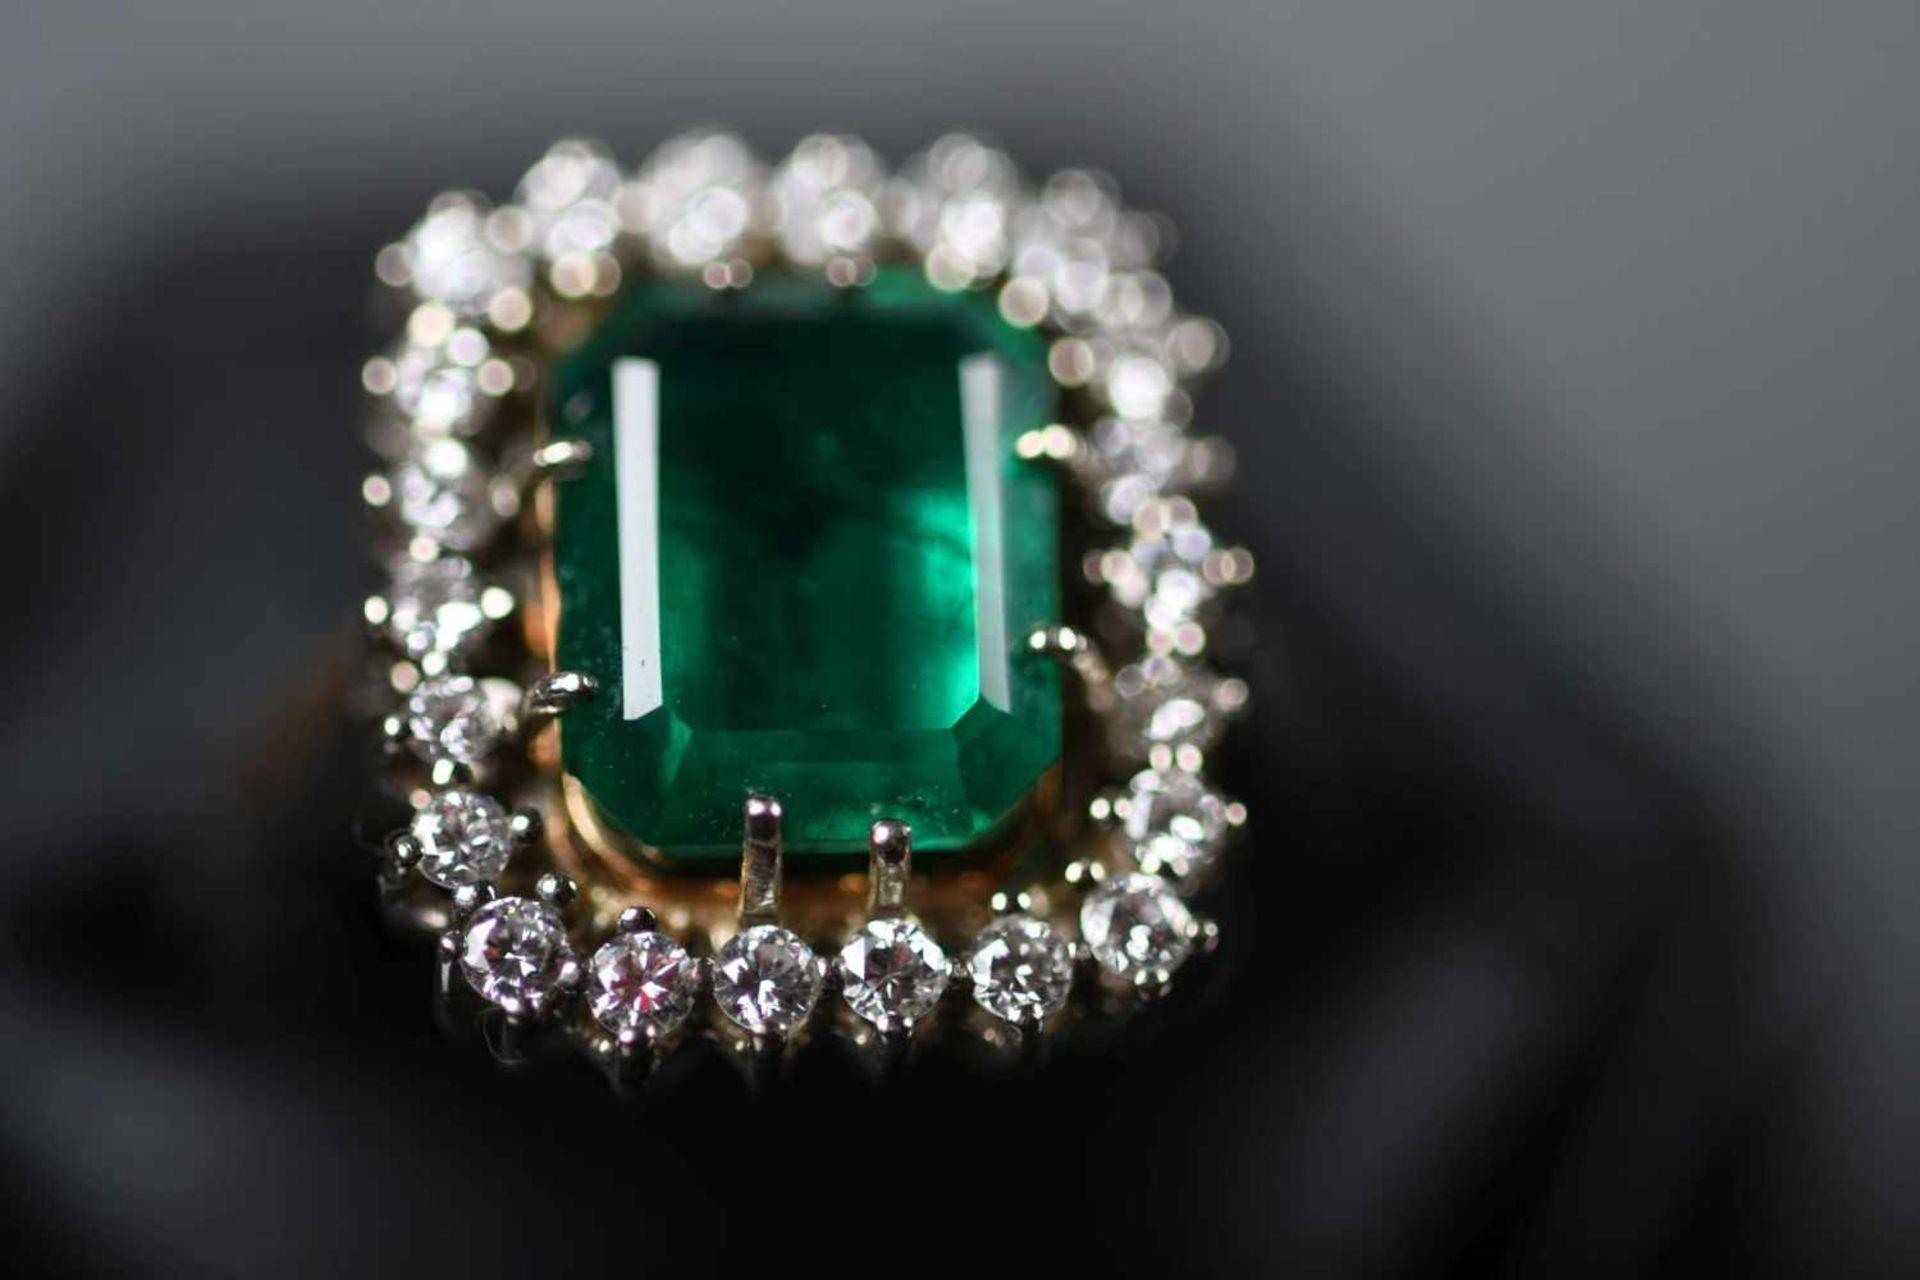 Damenring, WG 585ausgefasst mit großem, tiefgrünem Smaragd, ca. 10 x 8 mm (kl. Chip), sowie 22